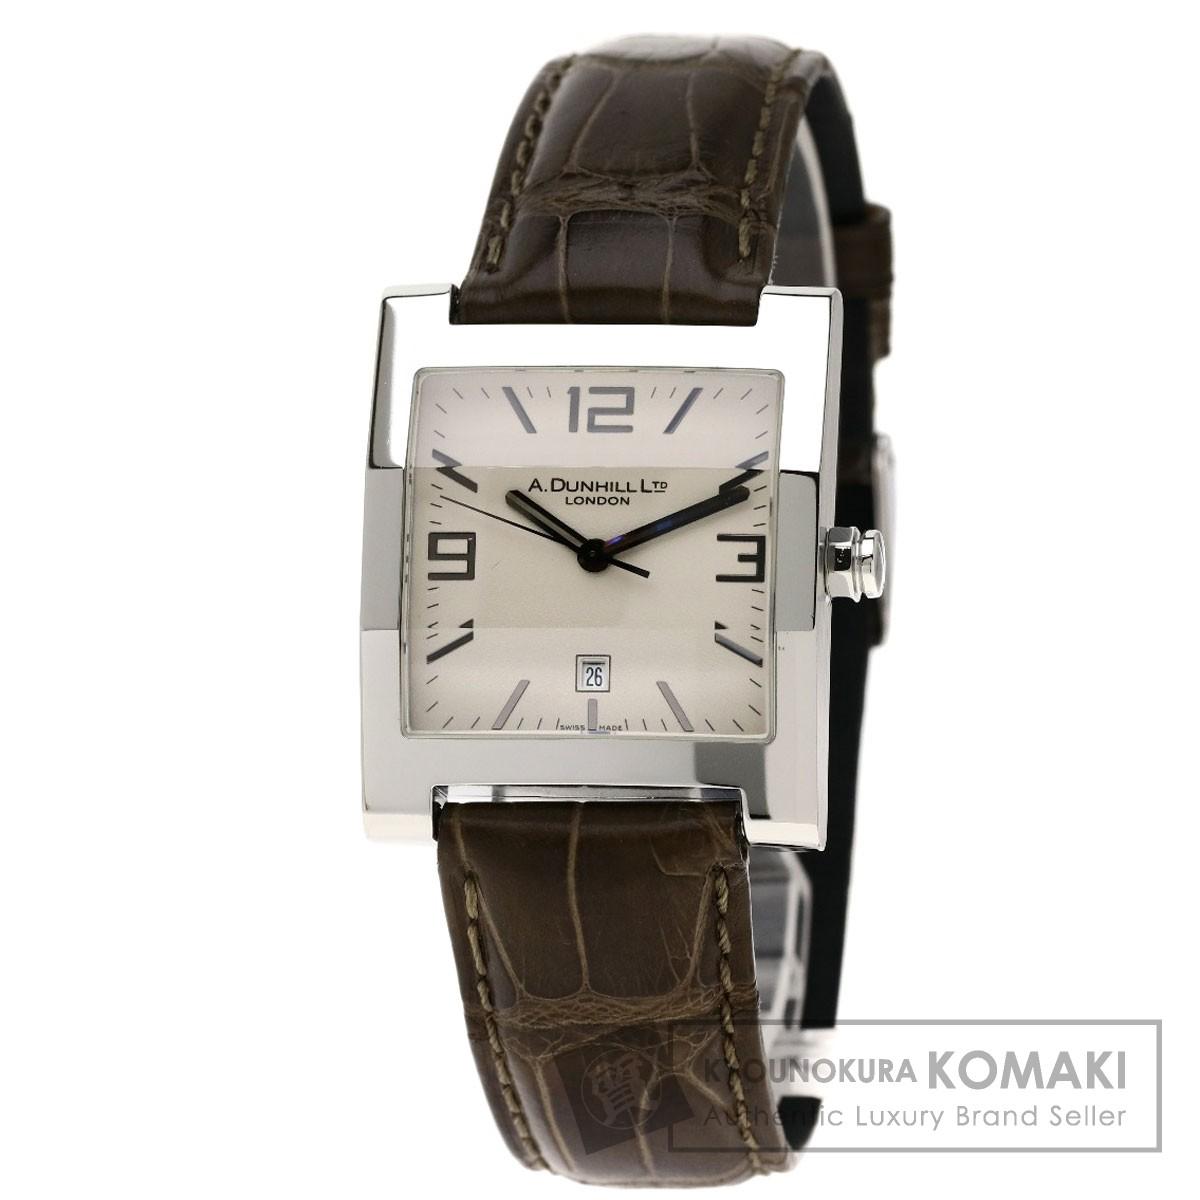 ダンヒル スクエアフェイス 腕時計 ステンレススチール/アリゲーター メンズ 【中古】【Dunhill】